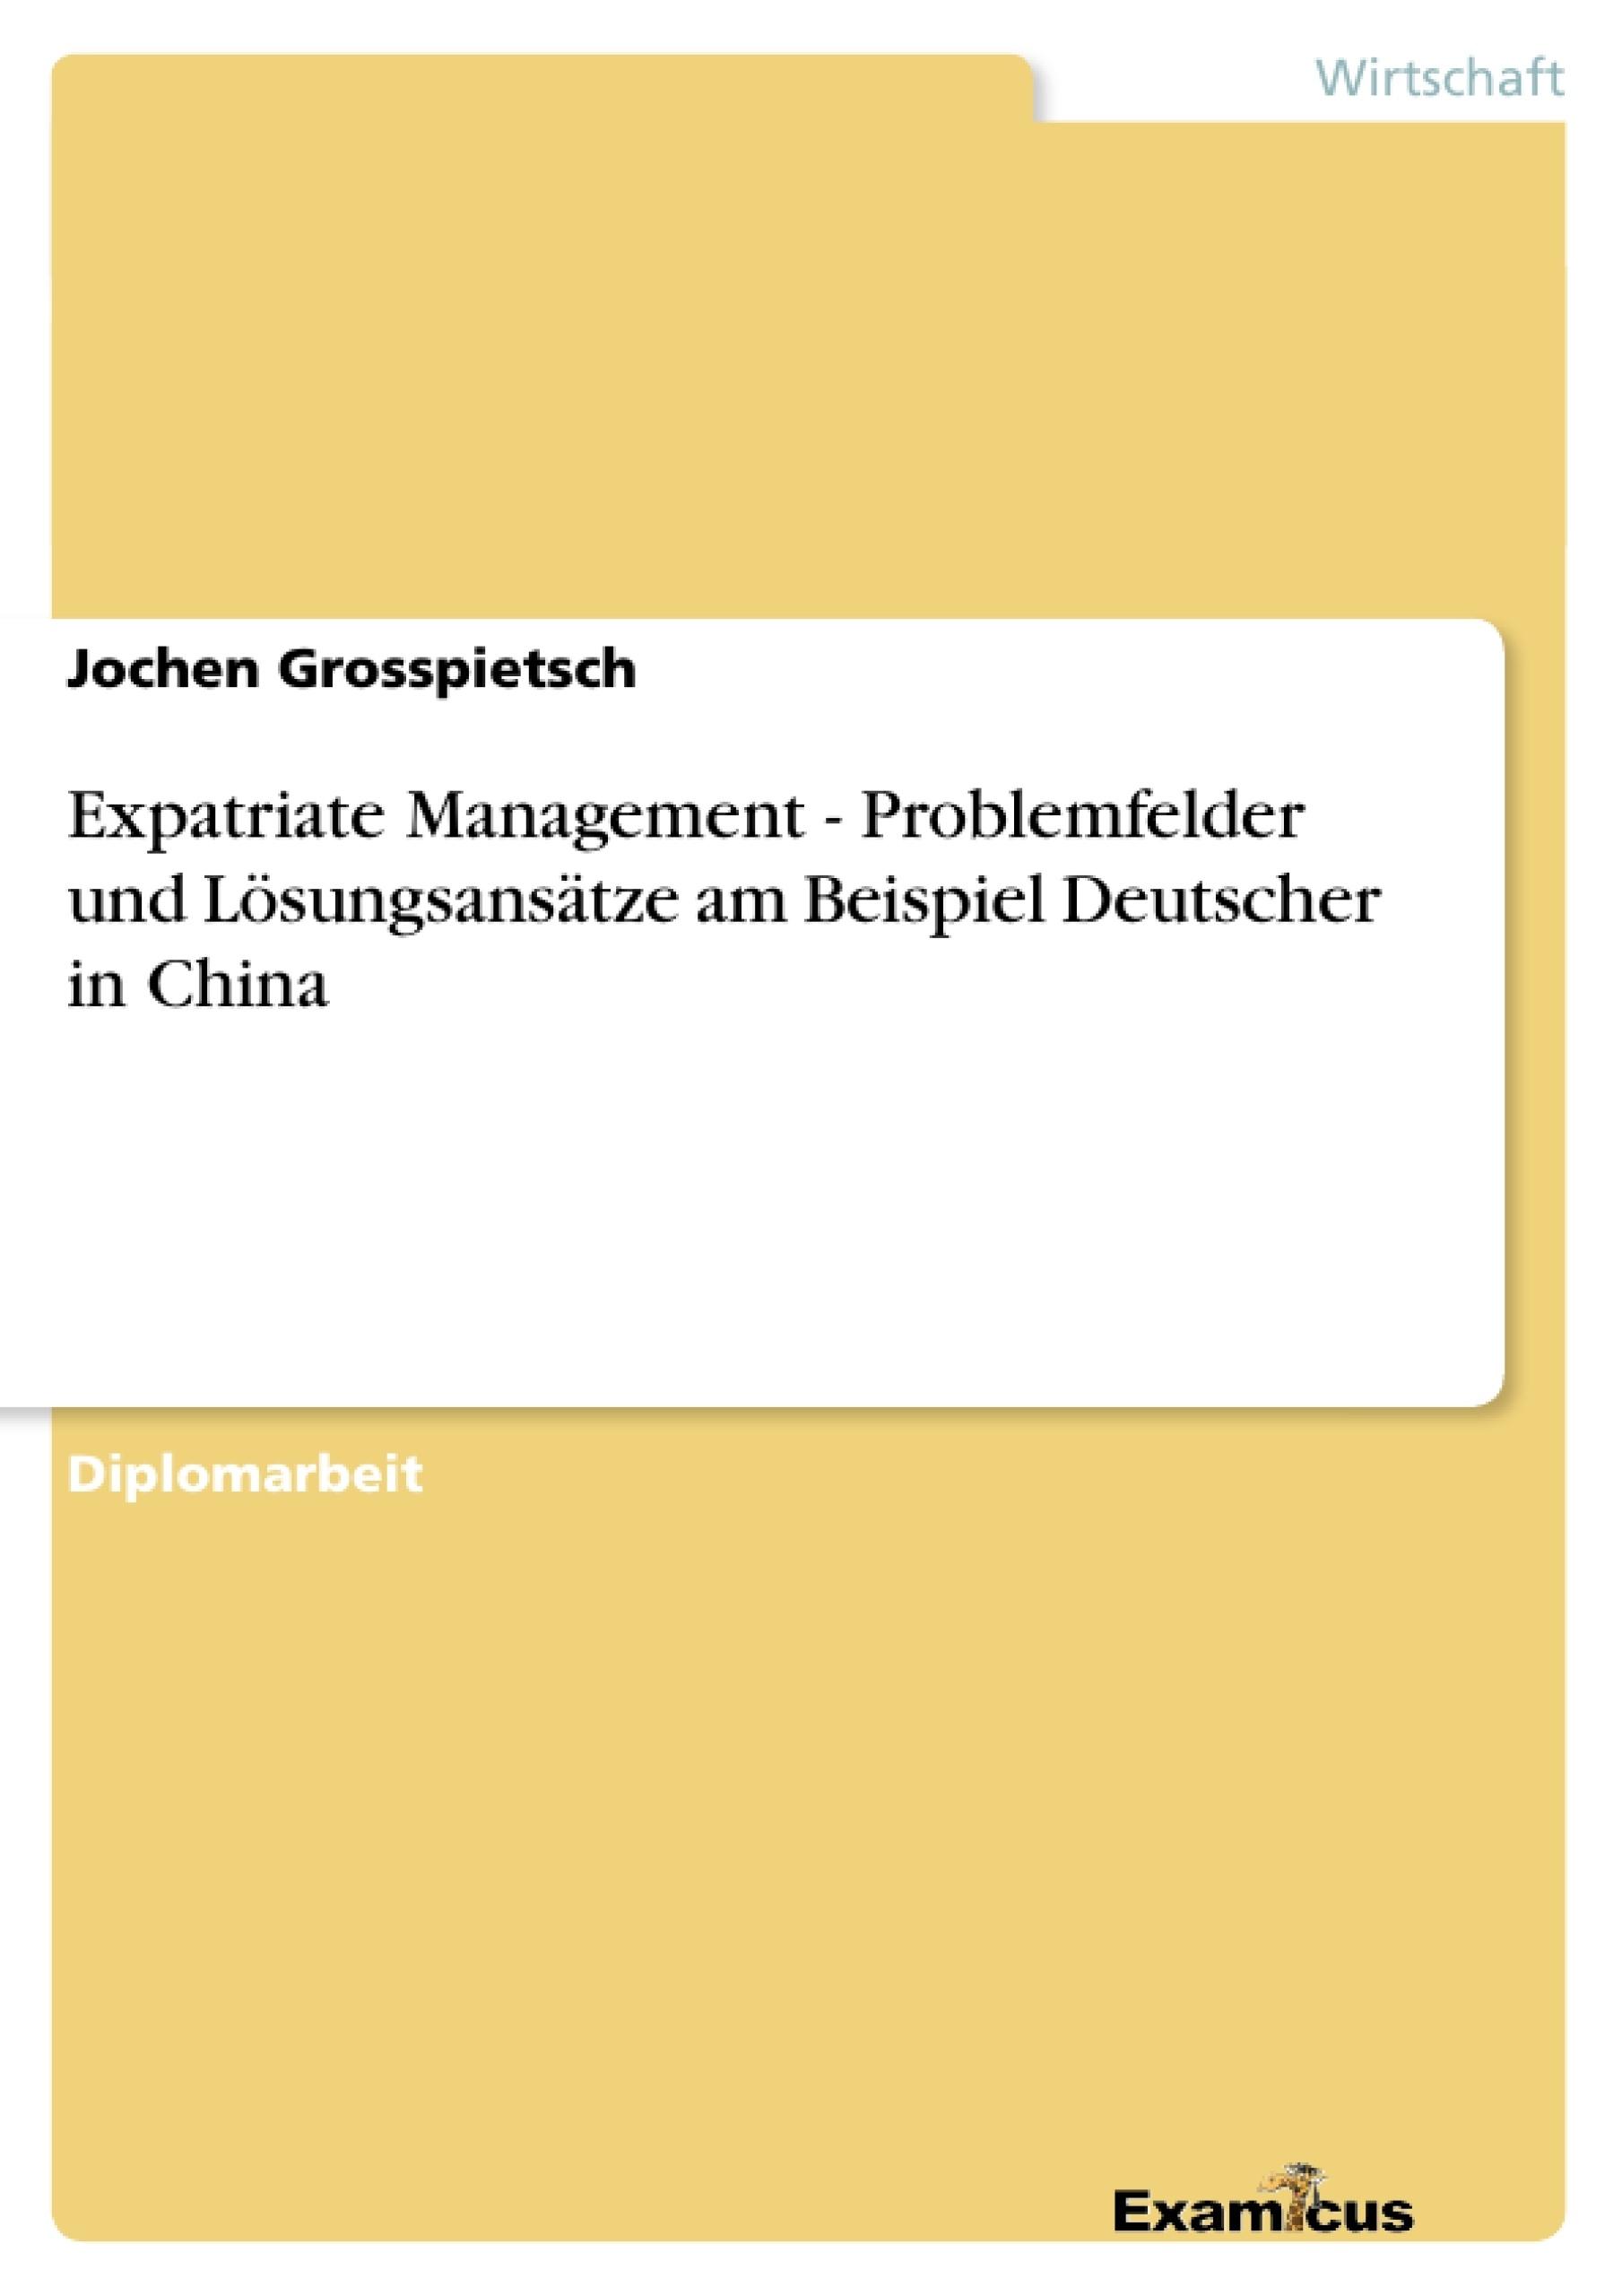 Titel: Expatriate Management - Problemfelder und Lösungsansätze am Beispiel Deutscher in China